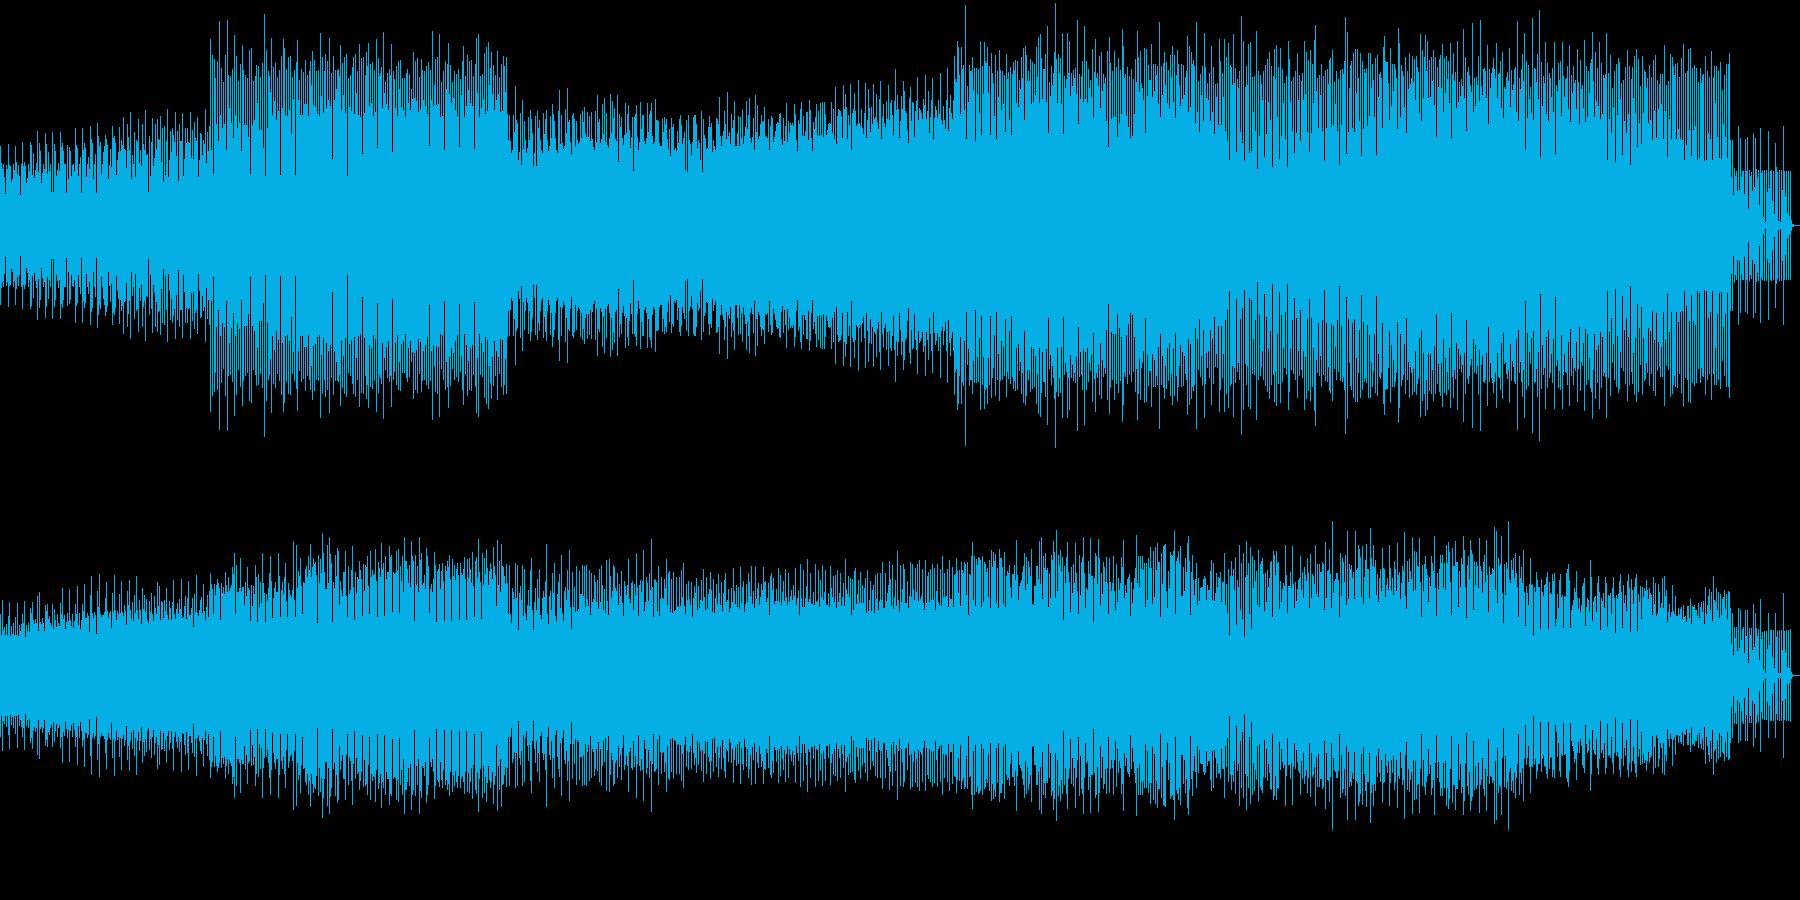 8ビット風味の楽しいEDMの再生済みの波形